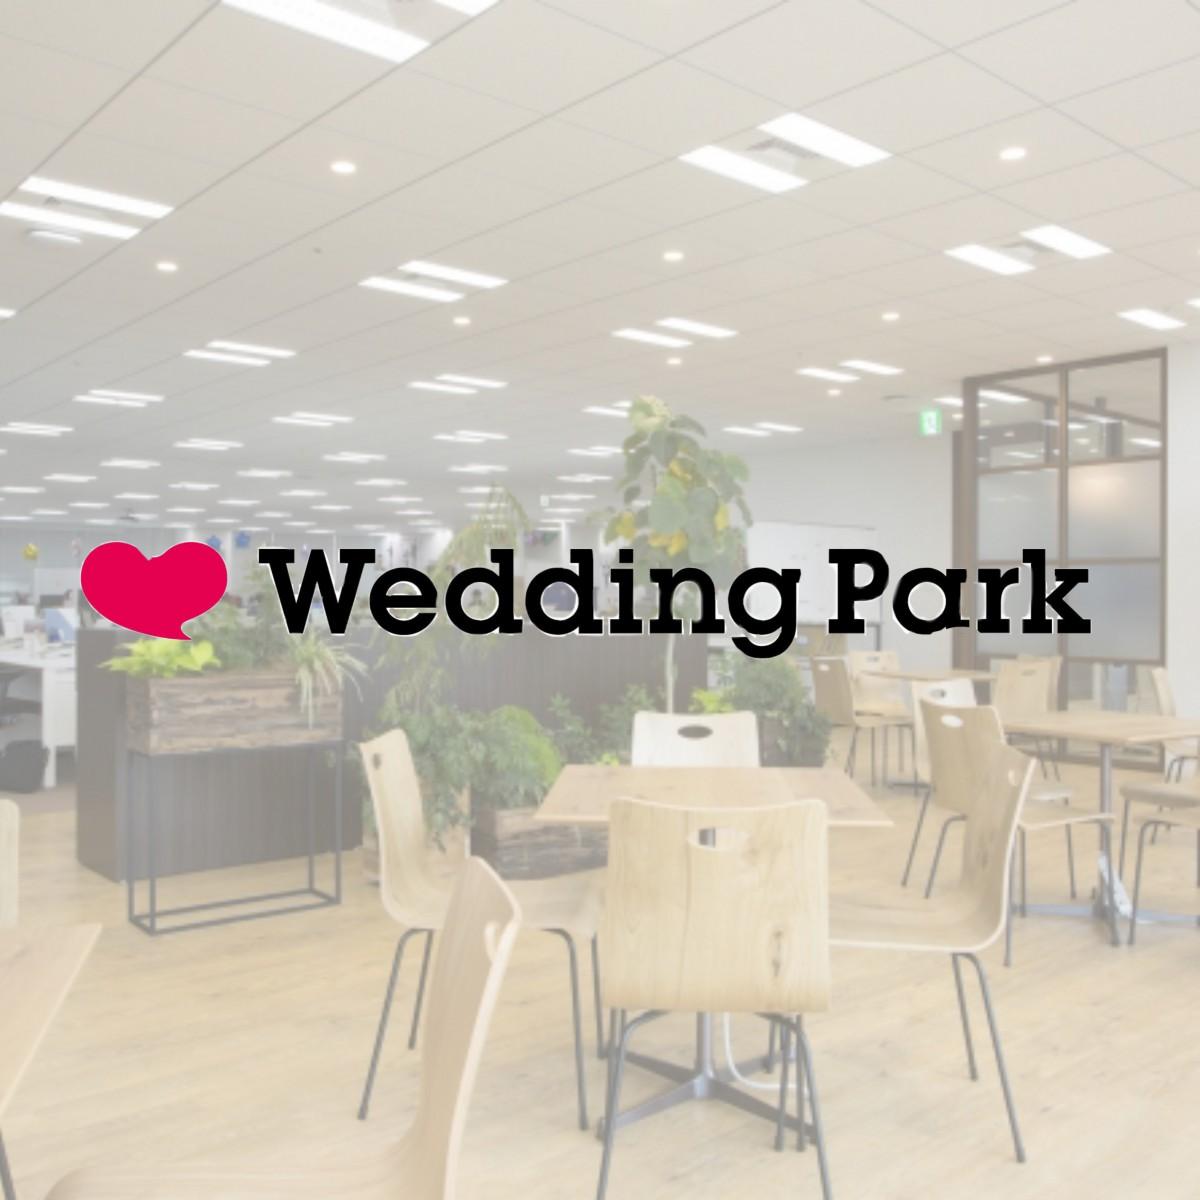 【福岡オフィス】株式会社ウエディングパークさんとオンラインでイベントを開催しました